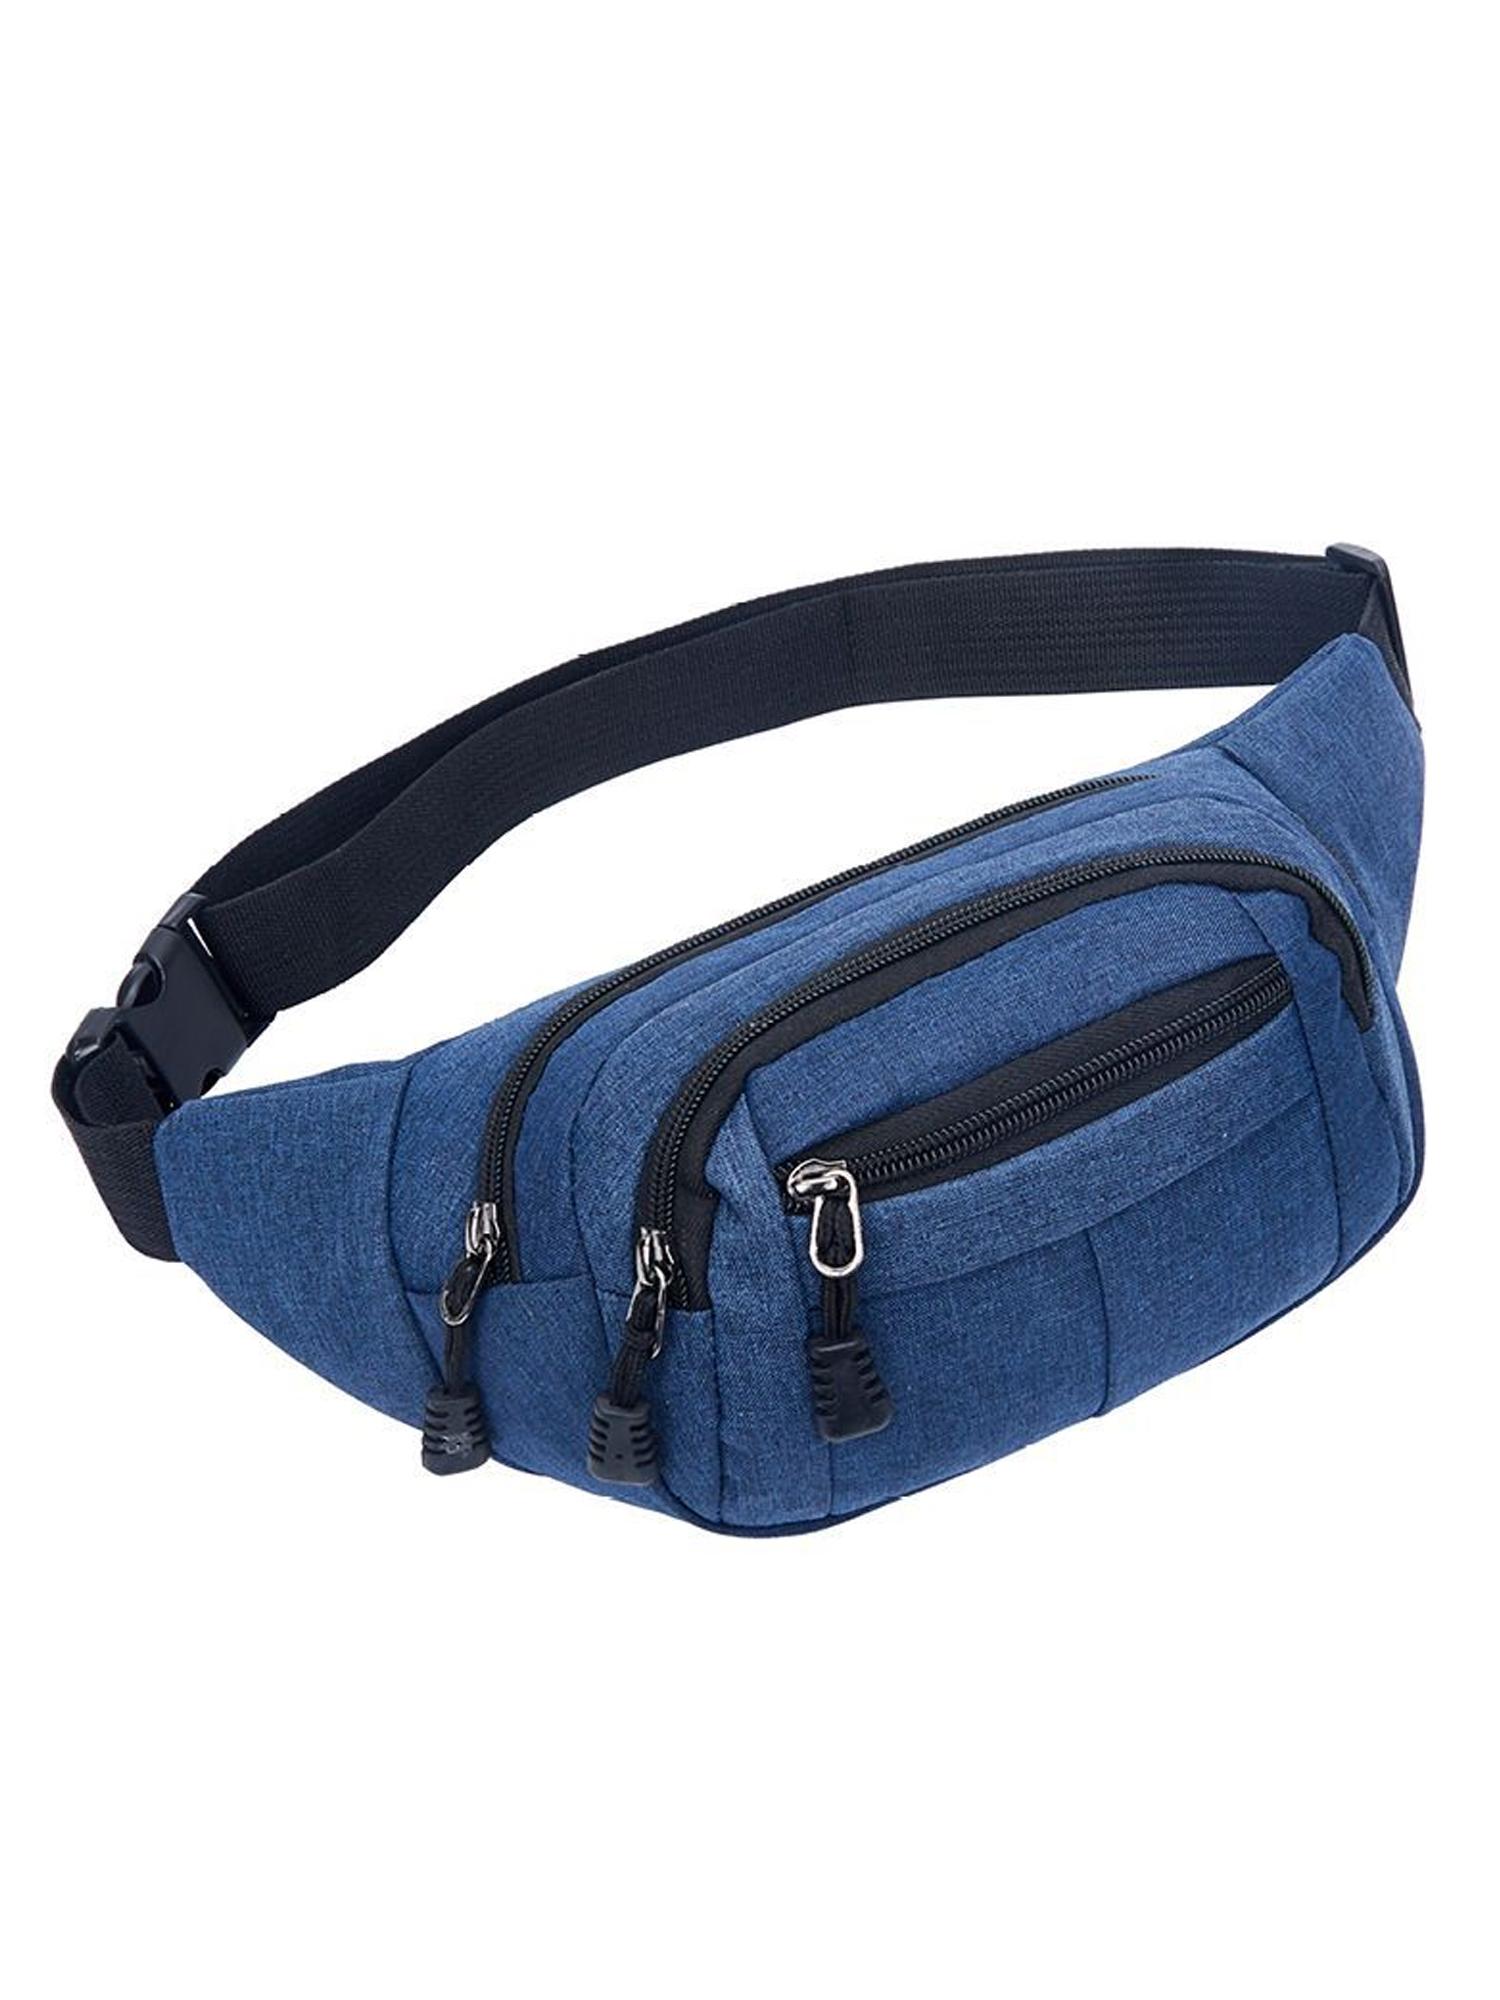 Outdoor Sport Bum Bag Fanny Pack Travel Hiking Waist Money Belt Zip Pouch  New